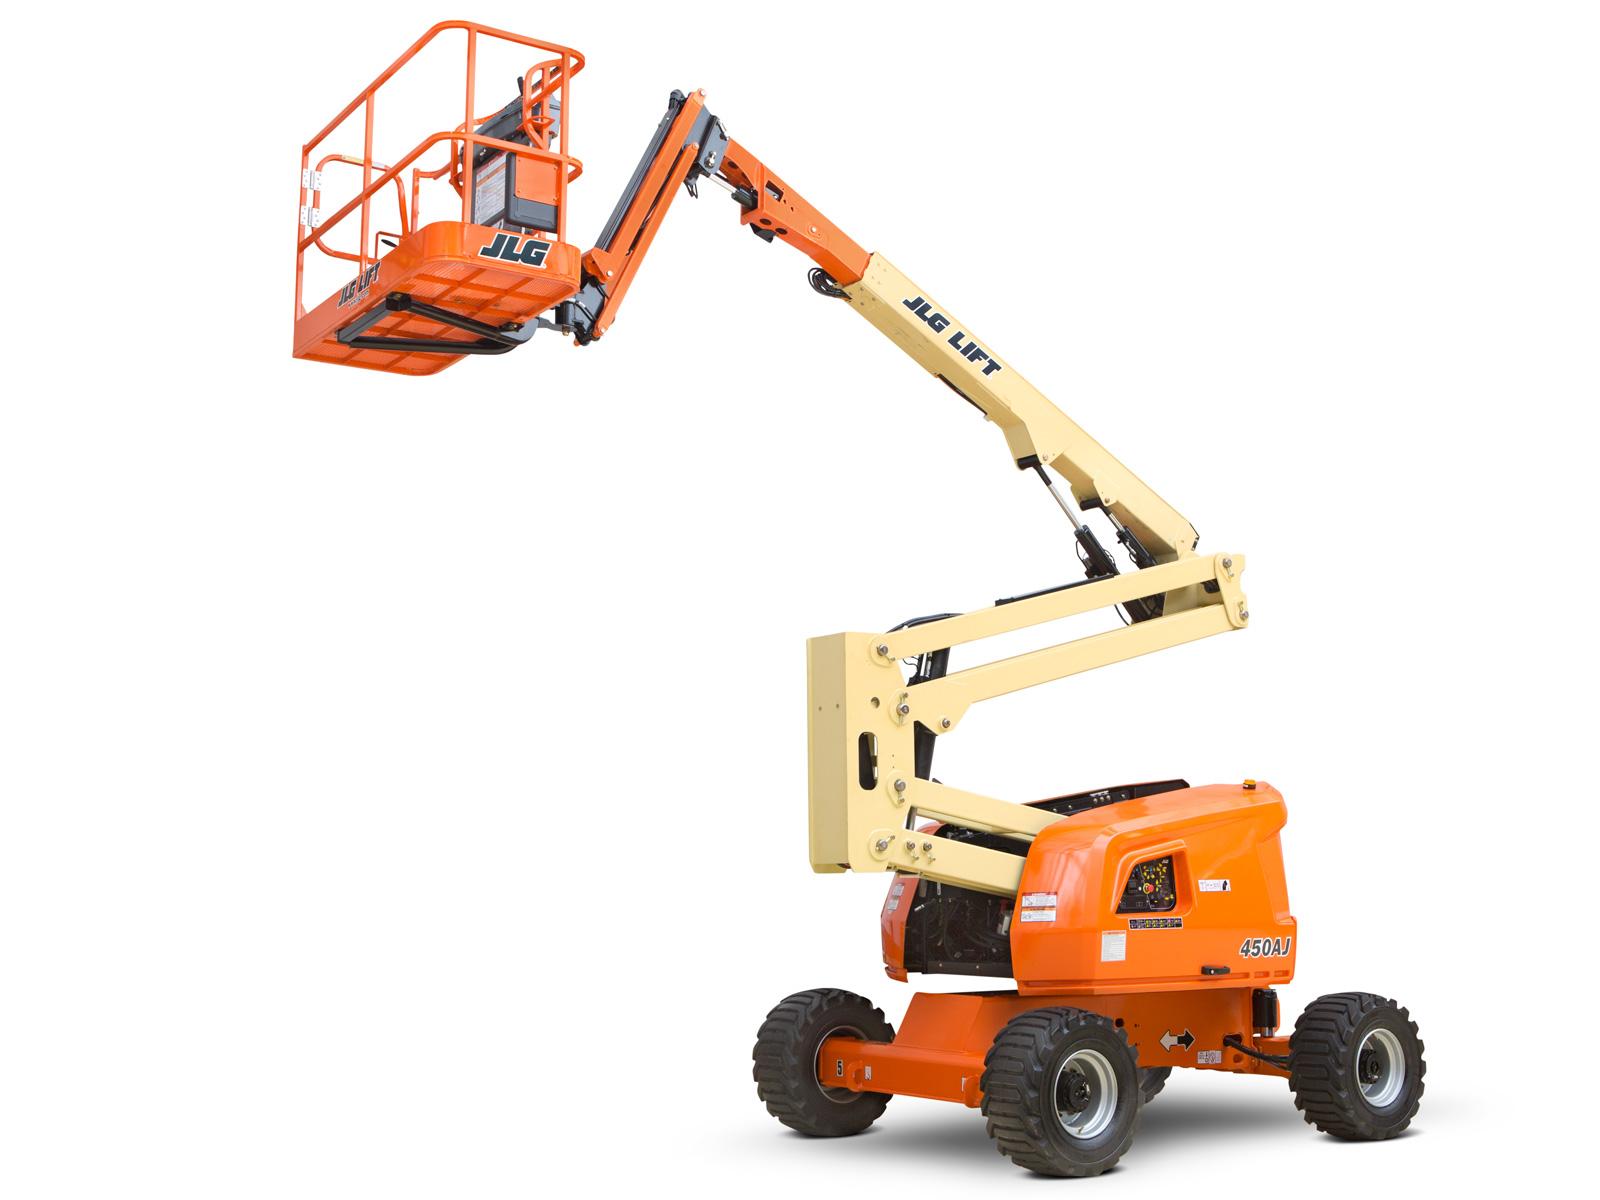 (內燃)JLG450系列曲臂式高空作業平臺